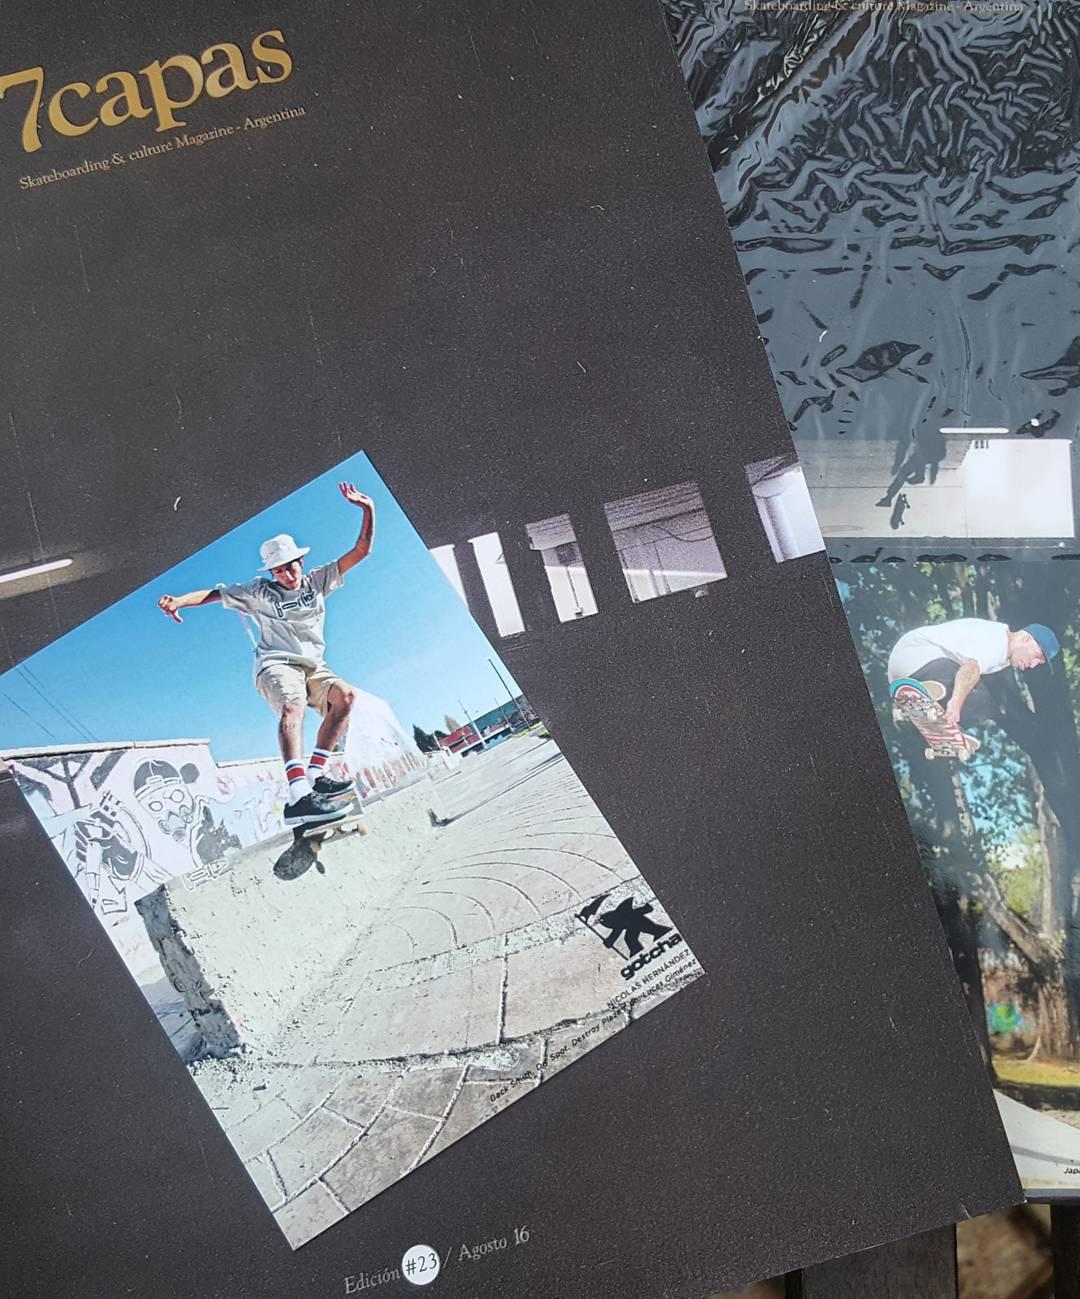 En la previa del lanzamiento de la @7capasmag #23  De regalo con esta edicion unos flyers de @nicolas_hernandez_ y @wallacejuano  #gotcha #iconsneverdie